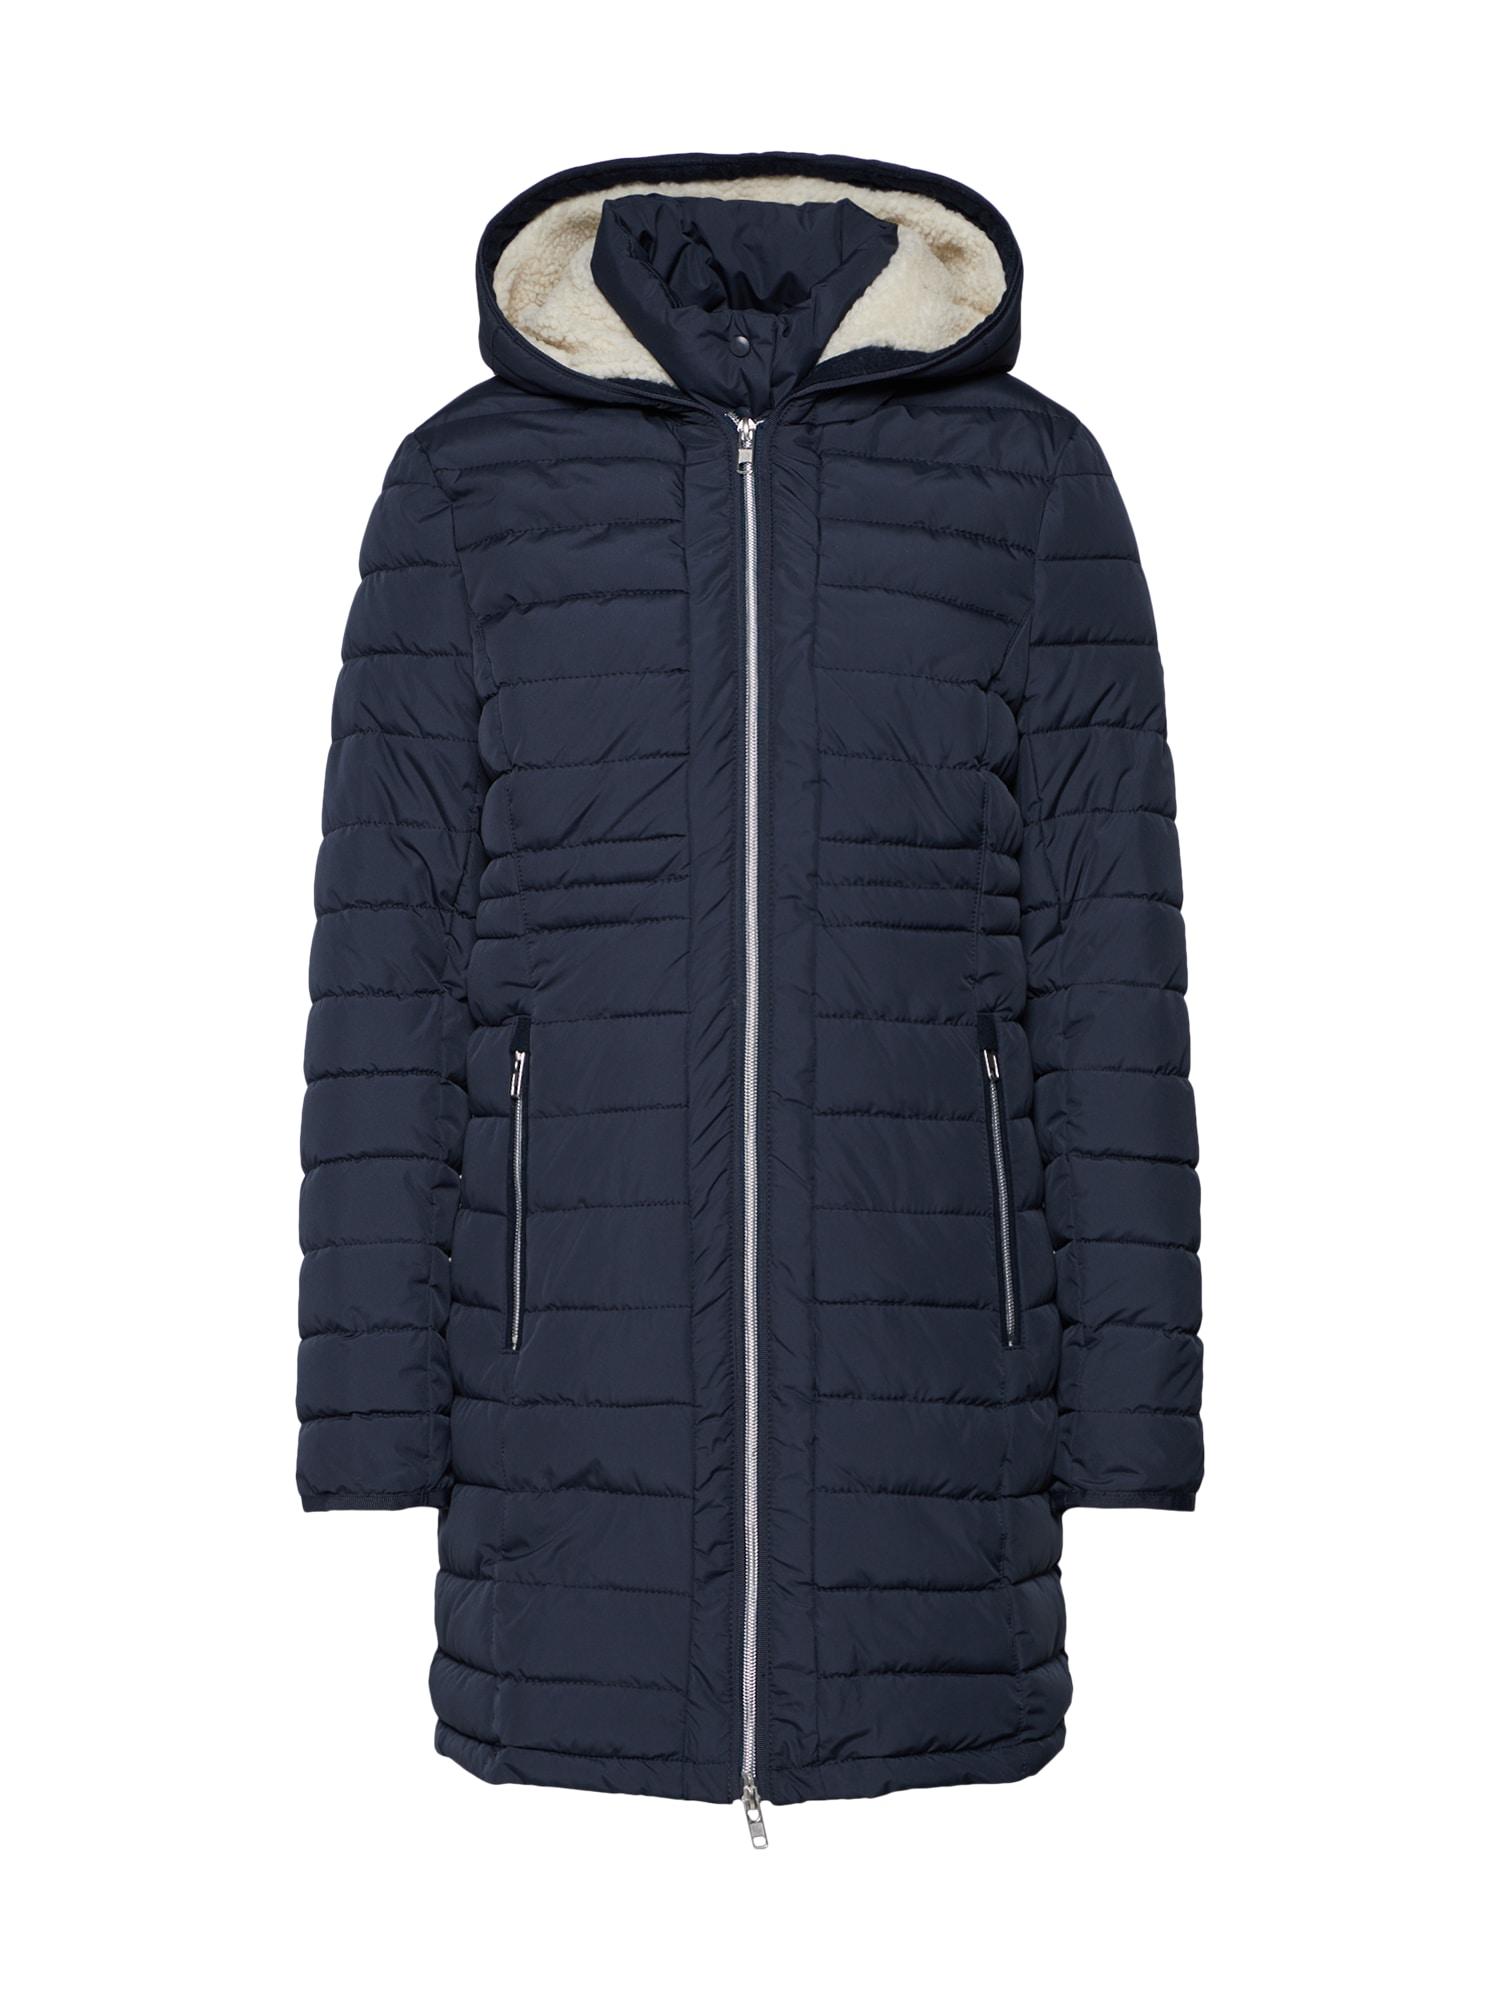 Přechodná bunda tmavě modrá GREYSTONE